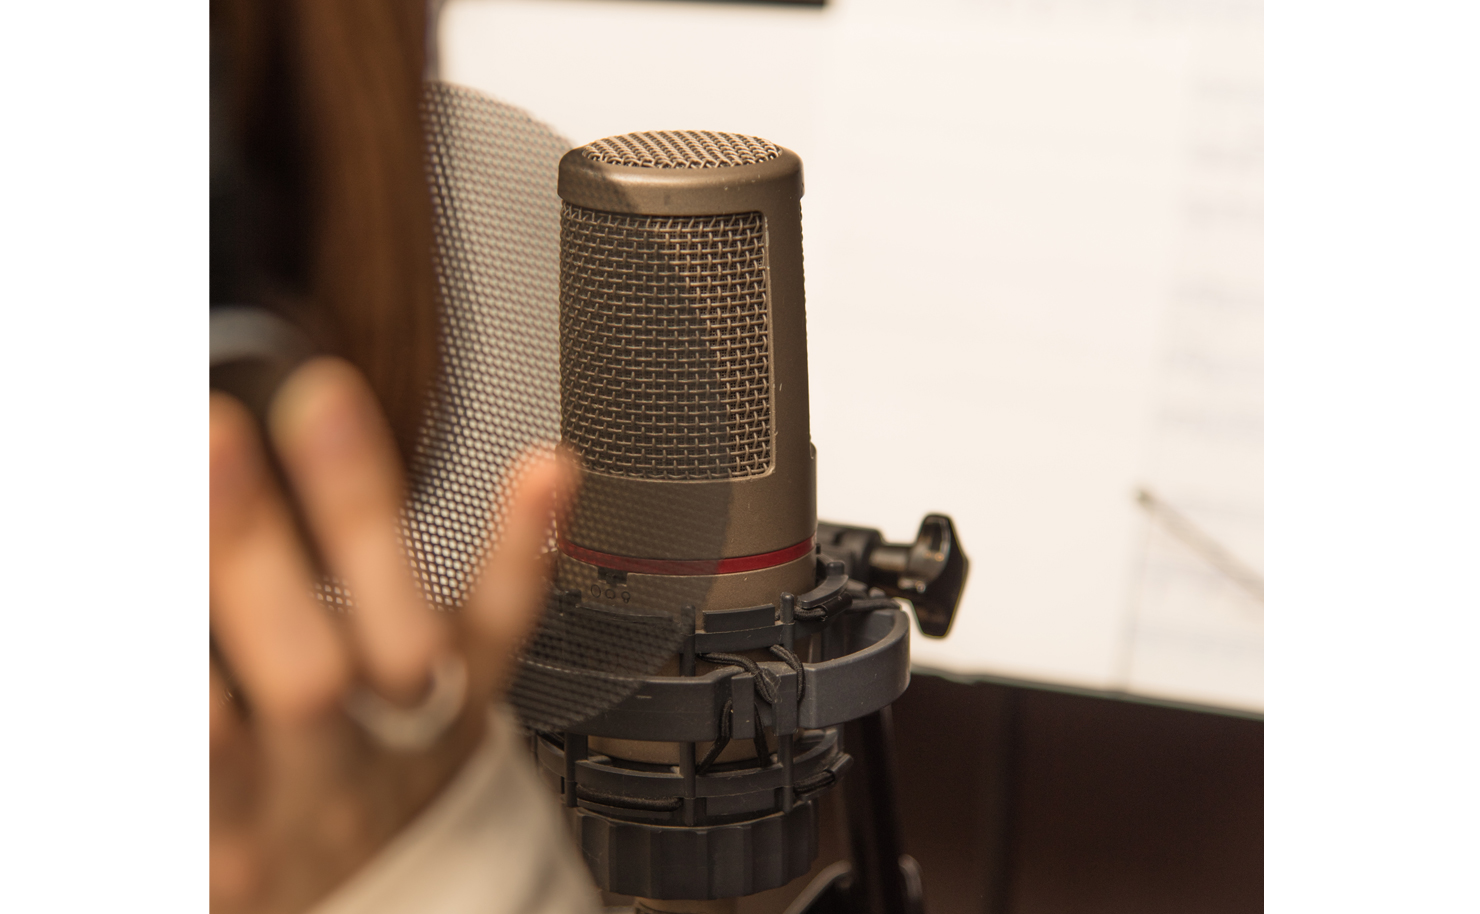 日ナレ / S・響・エースクルー / スターダストプロモーション声優部 / 大沢事務所などのオーディション向けボイスサンプル制作におすすめのスタジオ